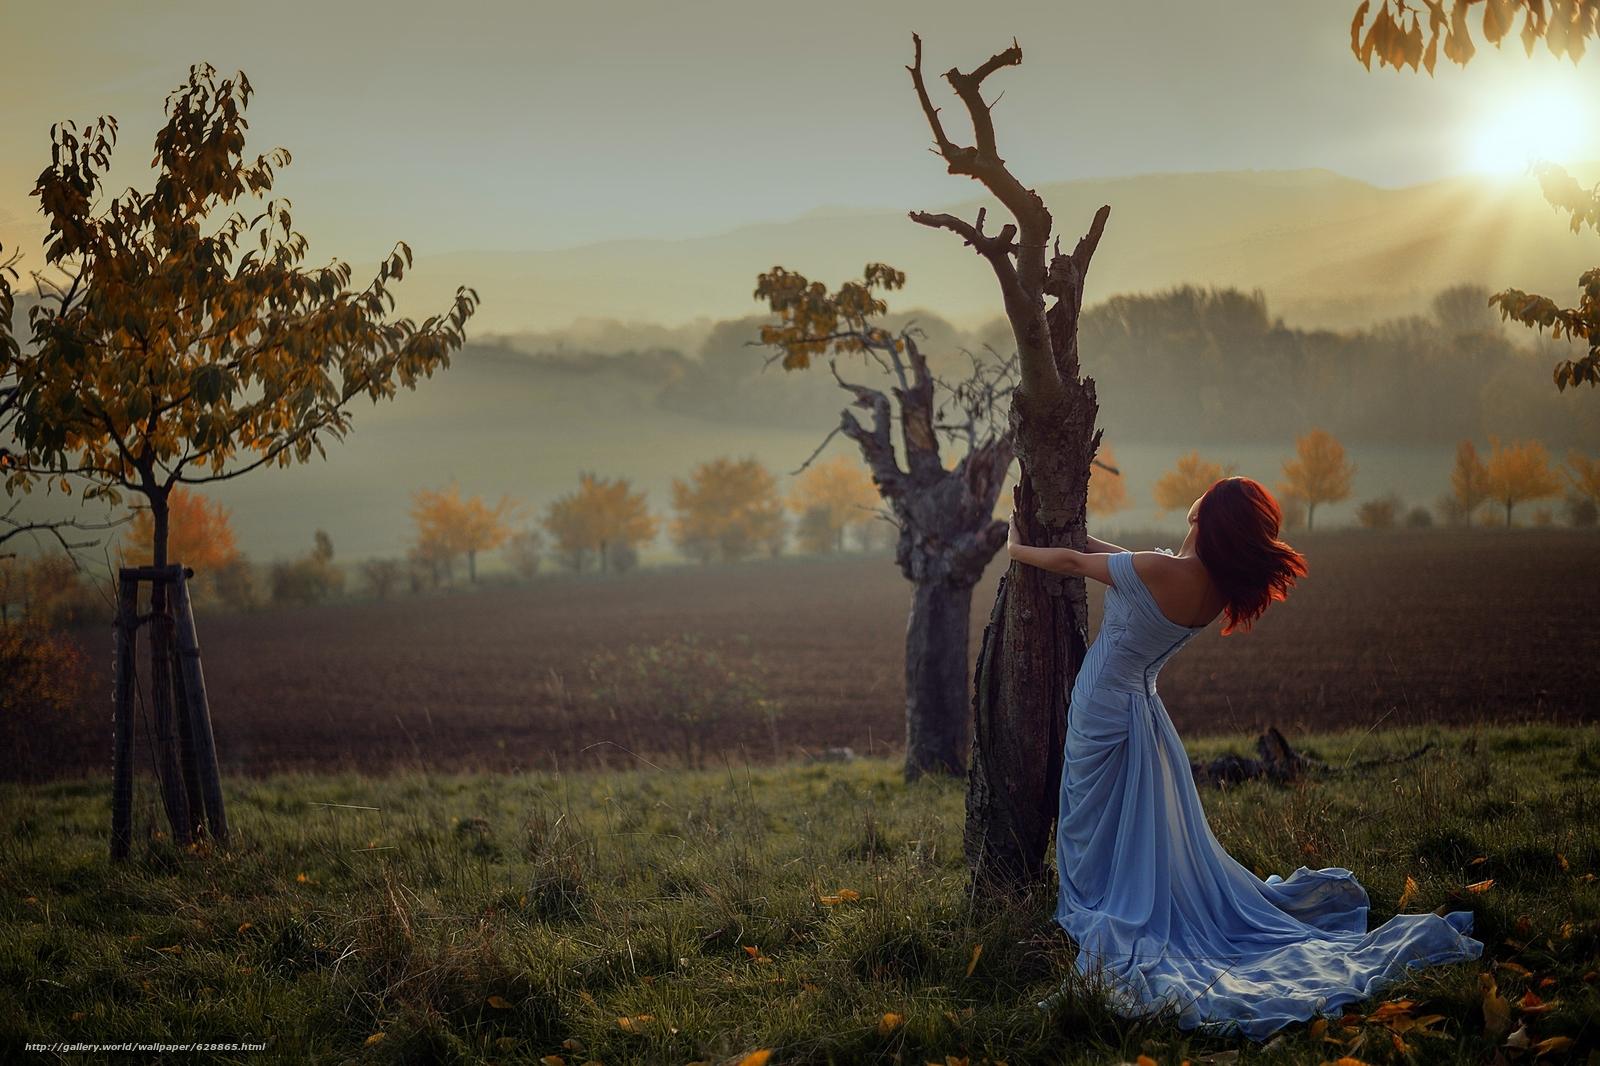 trees, autumn, dress, sunset, girl, mood